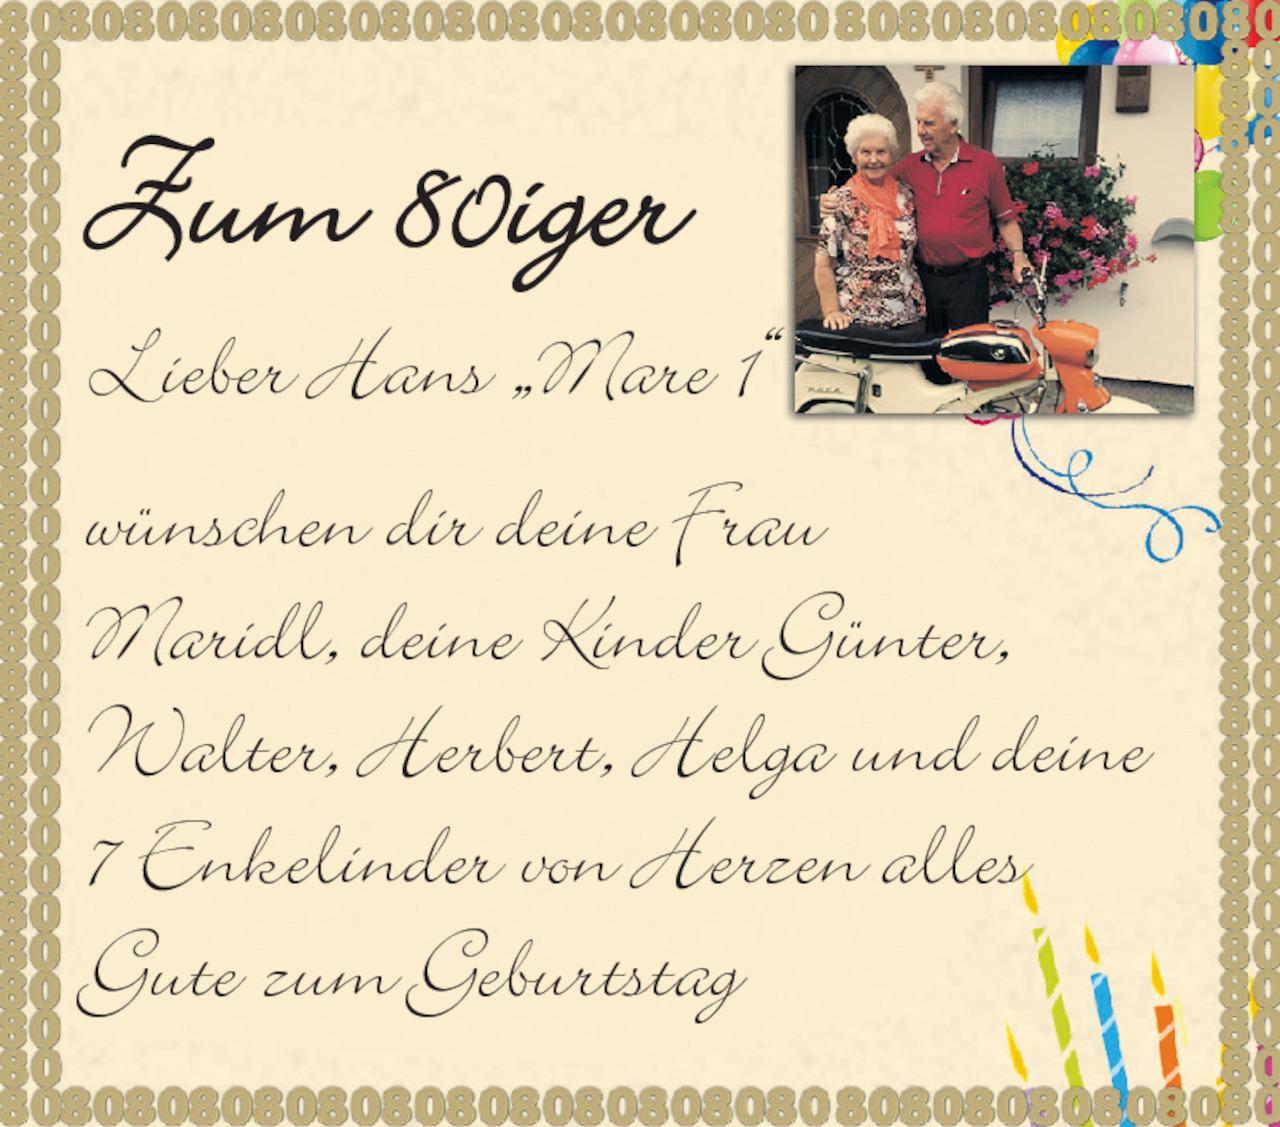 Geburtstagskarte 80 Geburtstag Luxus Gedicht Zum 80 Geburtstag